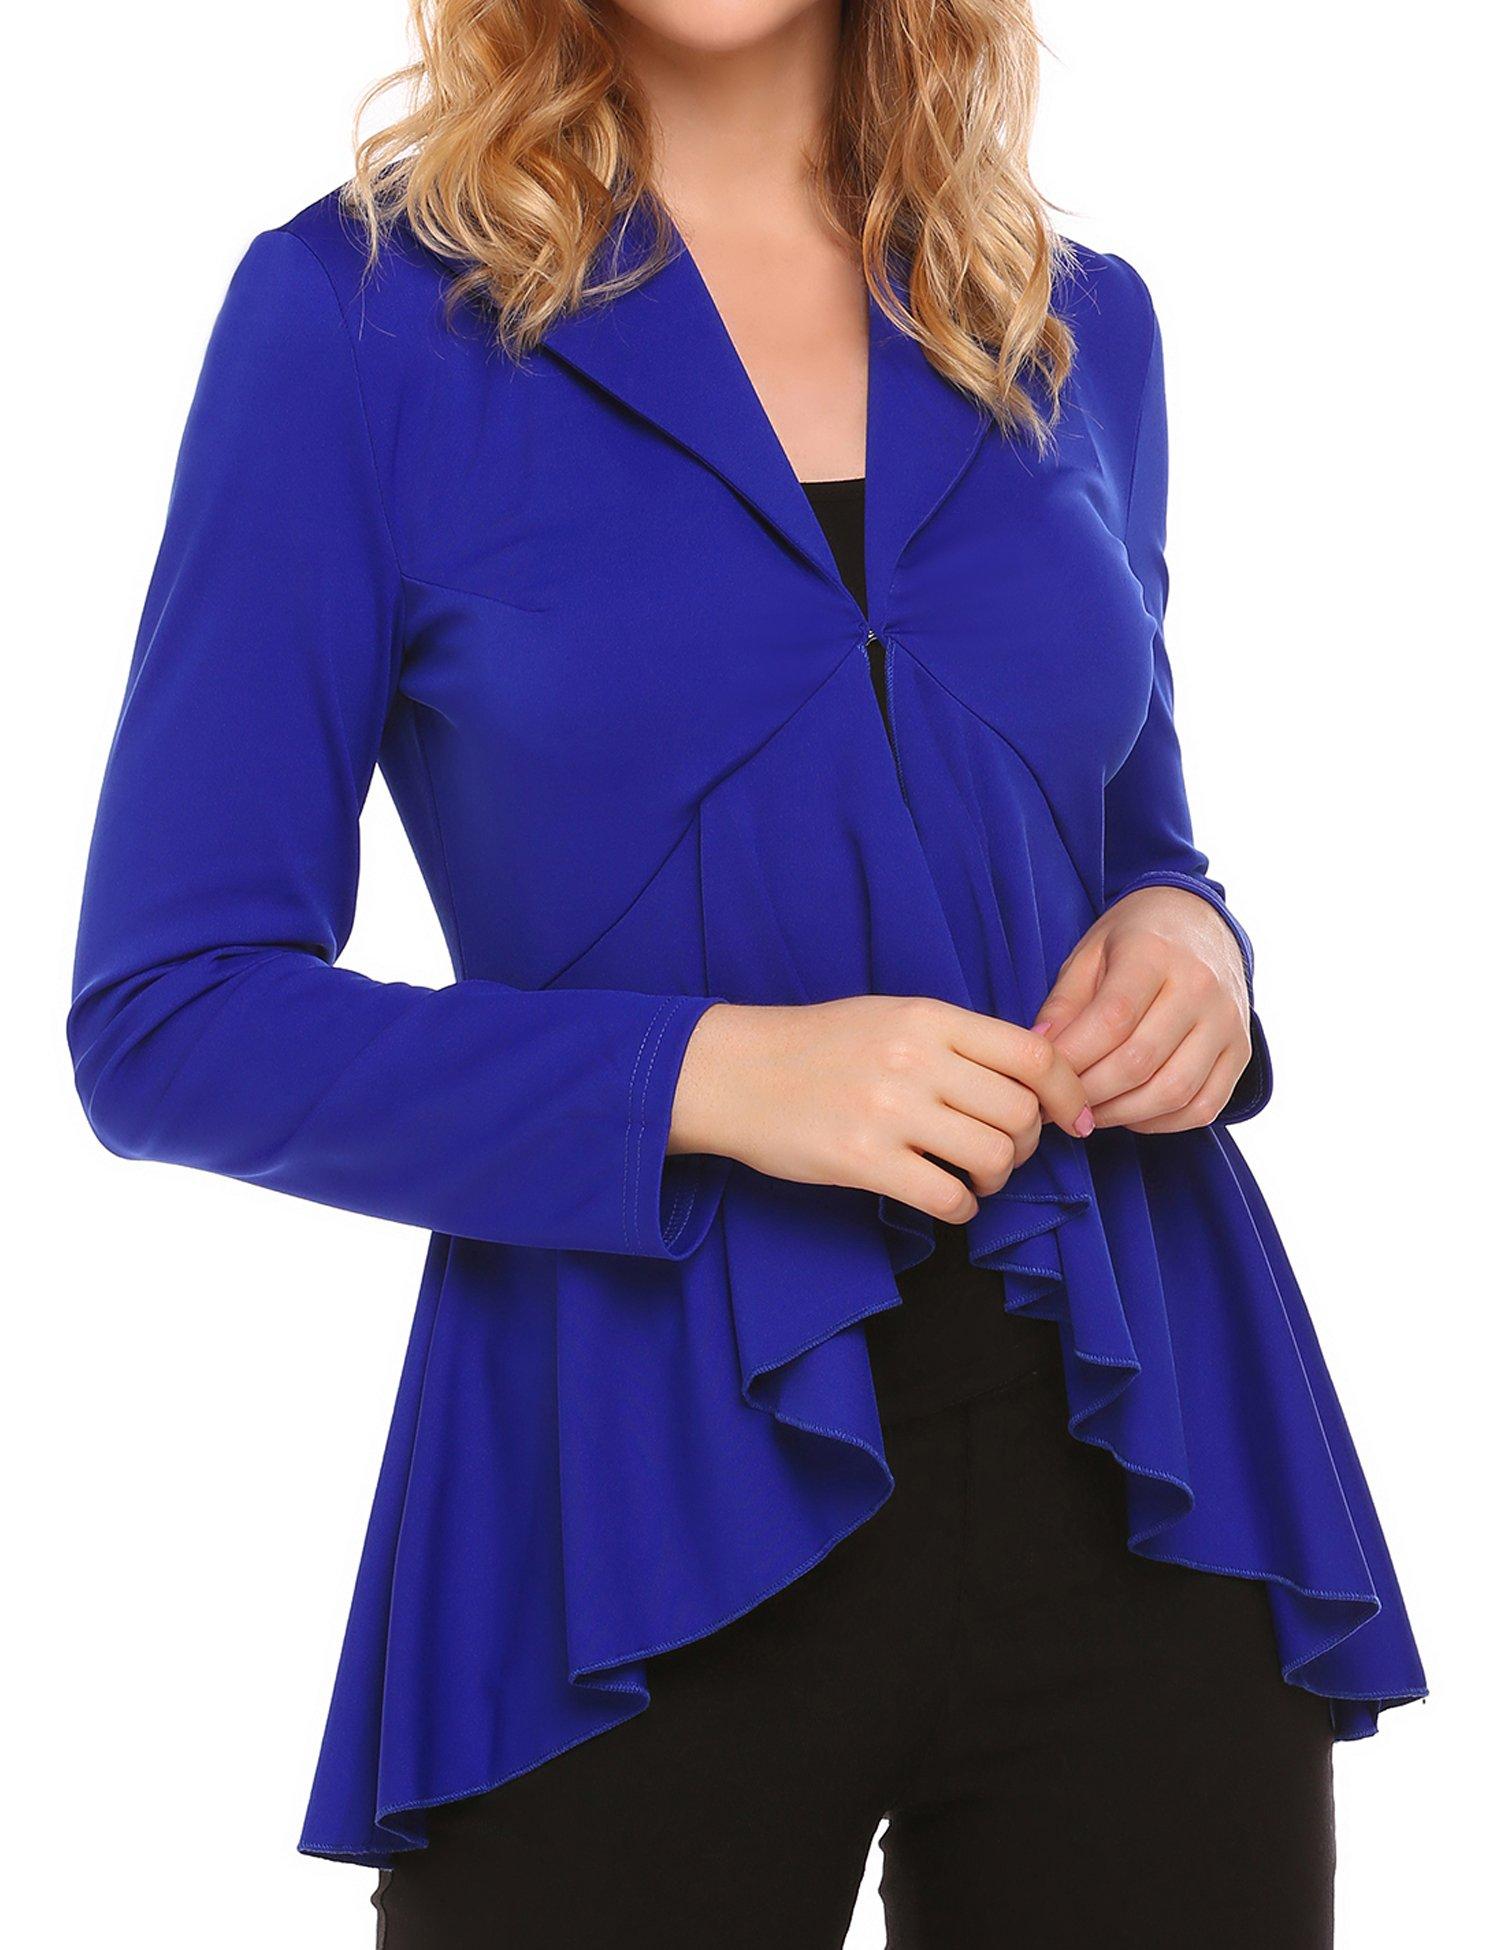 Women's Lightweight Blazer, Unibelle Womens Light Weight Cardigans Long Sleeve Coat for Women Tops Outwear